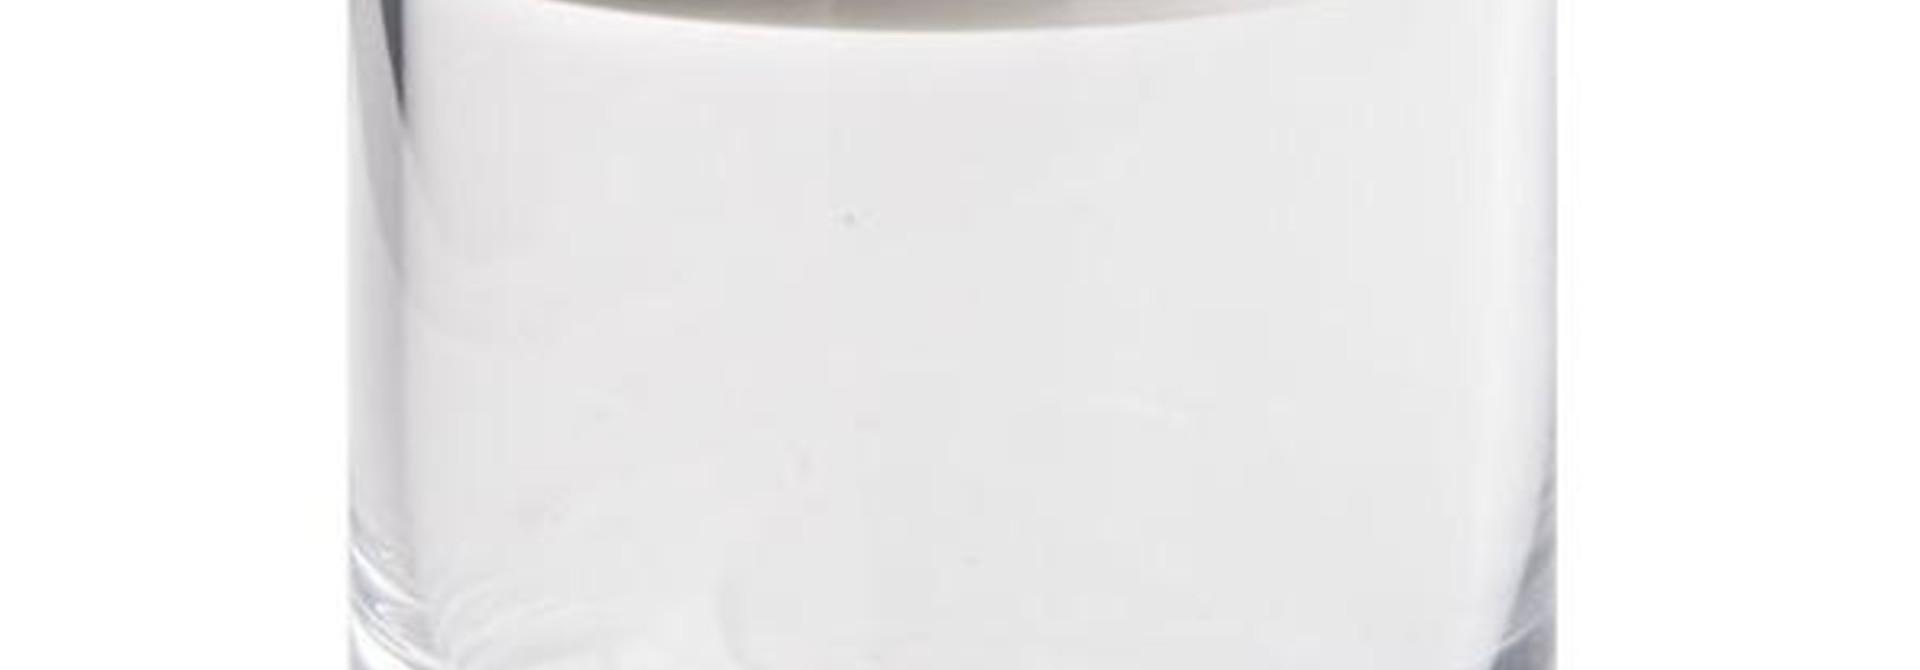 OBJETLUXE - Glass / Mother of Pearl Butterfly Jar Silver